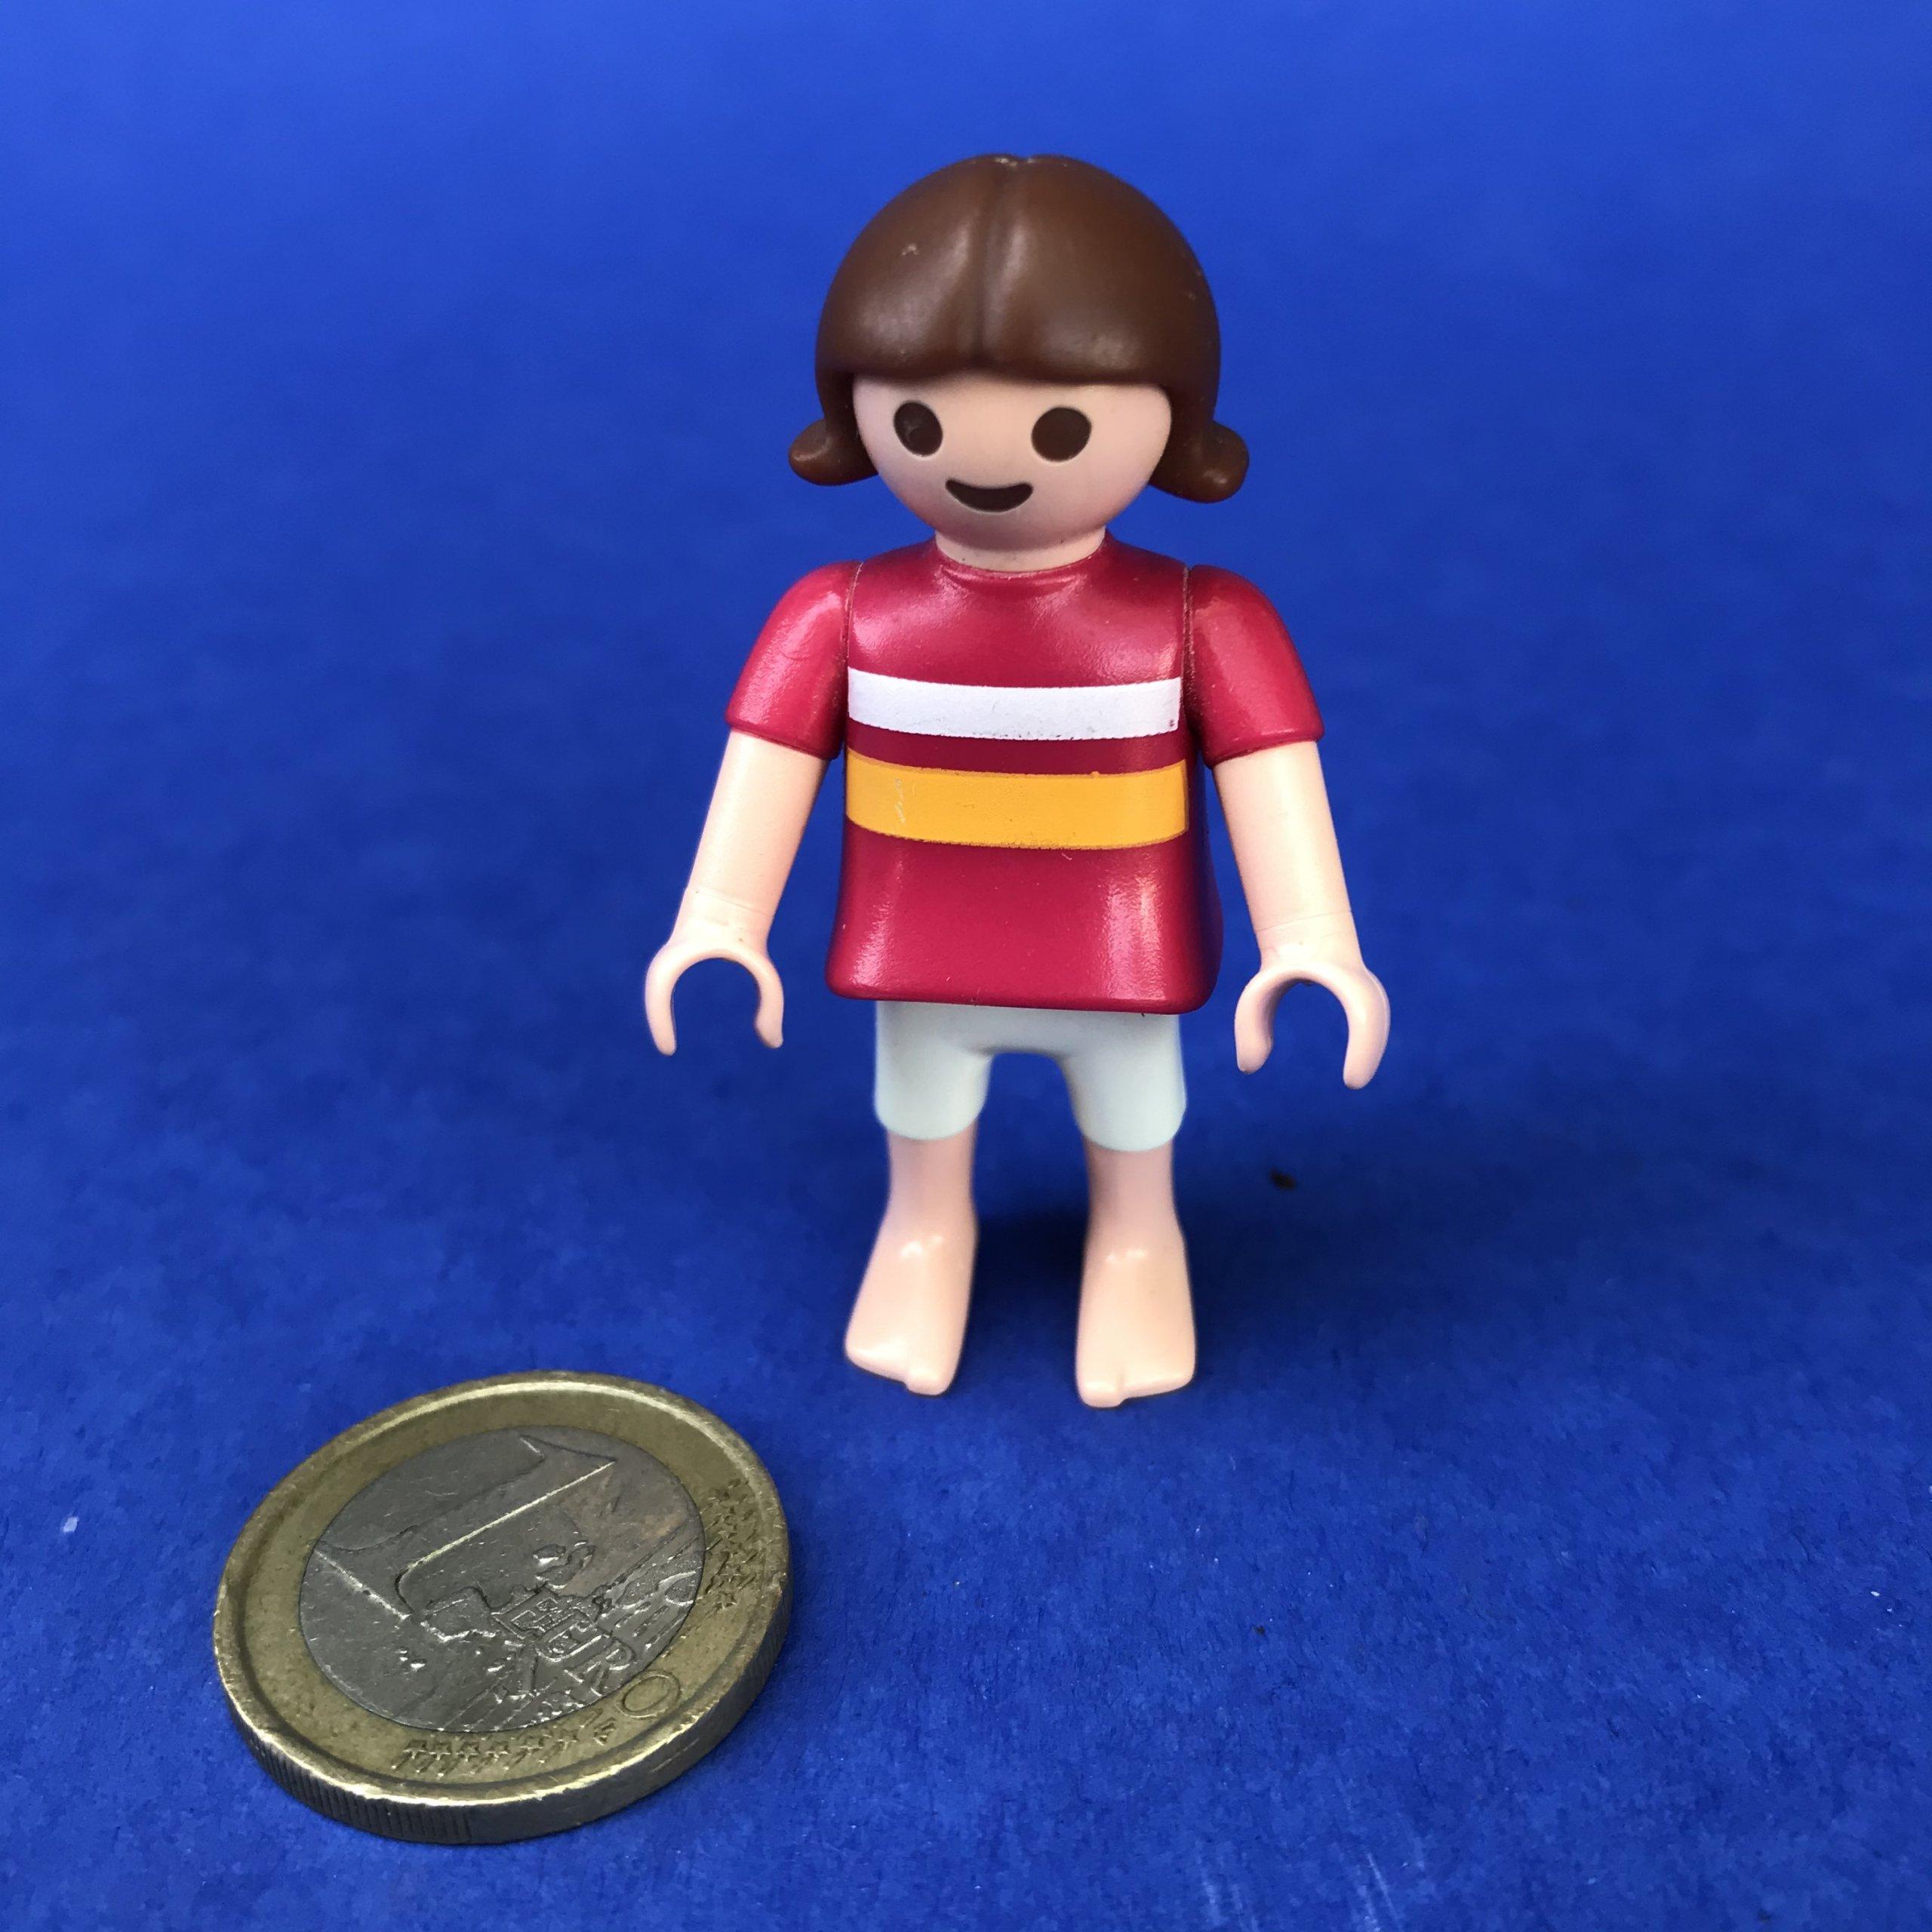 Playmobil-meisje-bruin